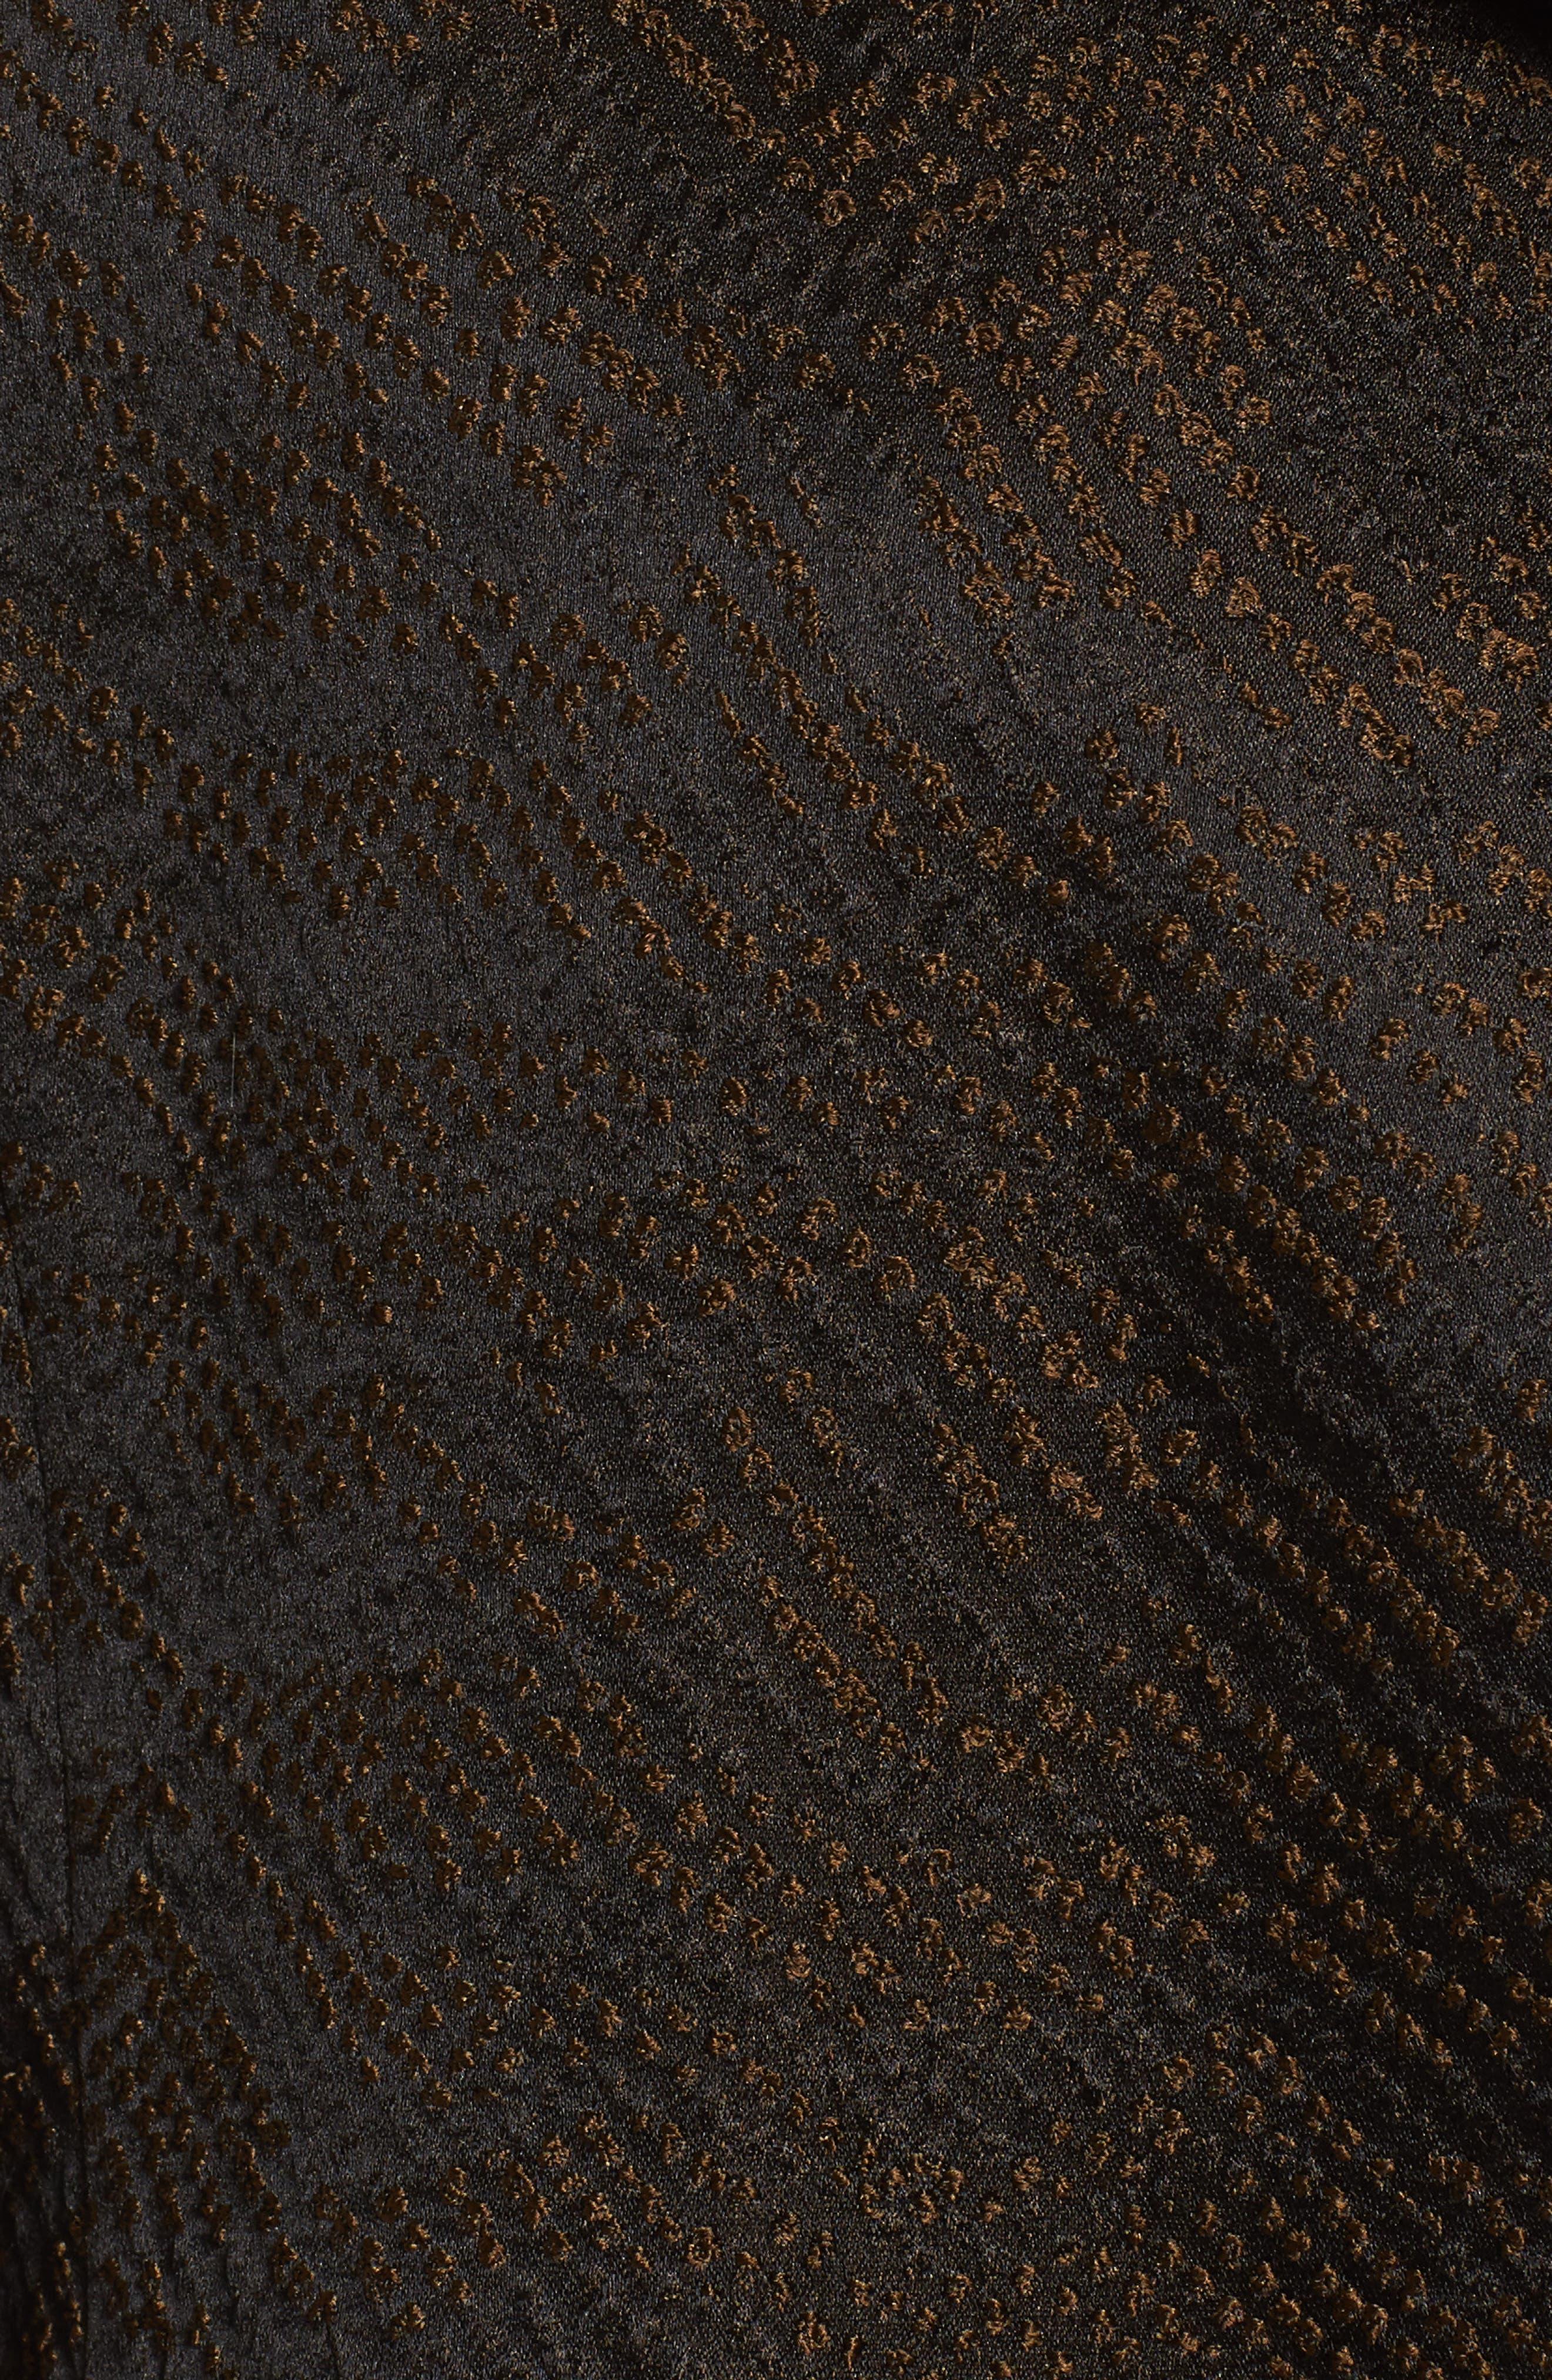 Silk Blend Jacquard Jacket,                             Alternate thumbnail 6, color,                             Black